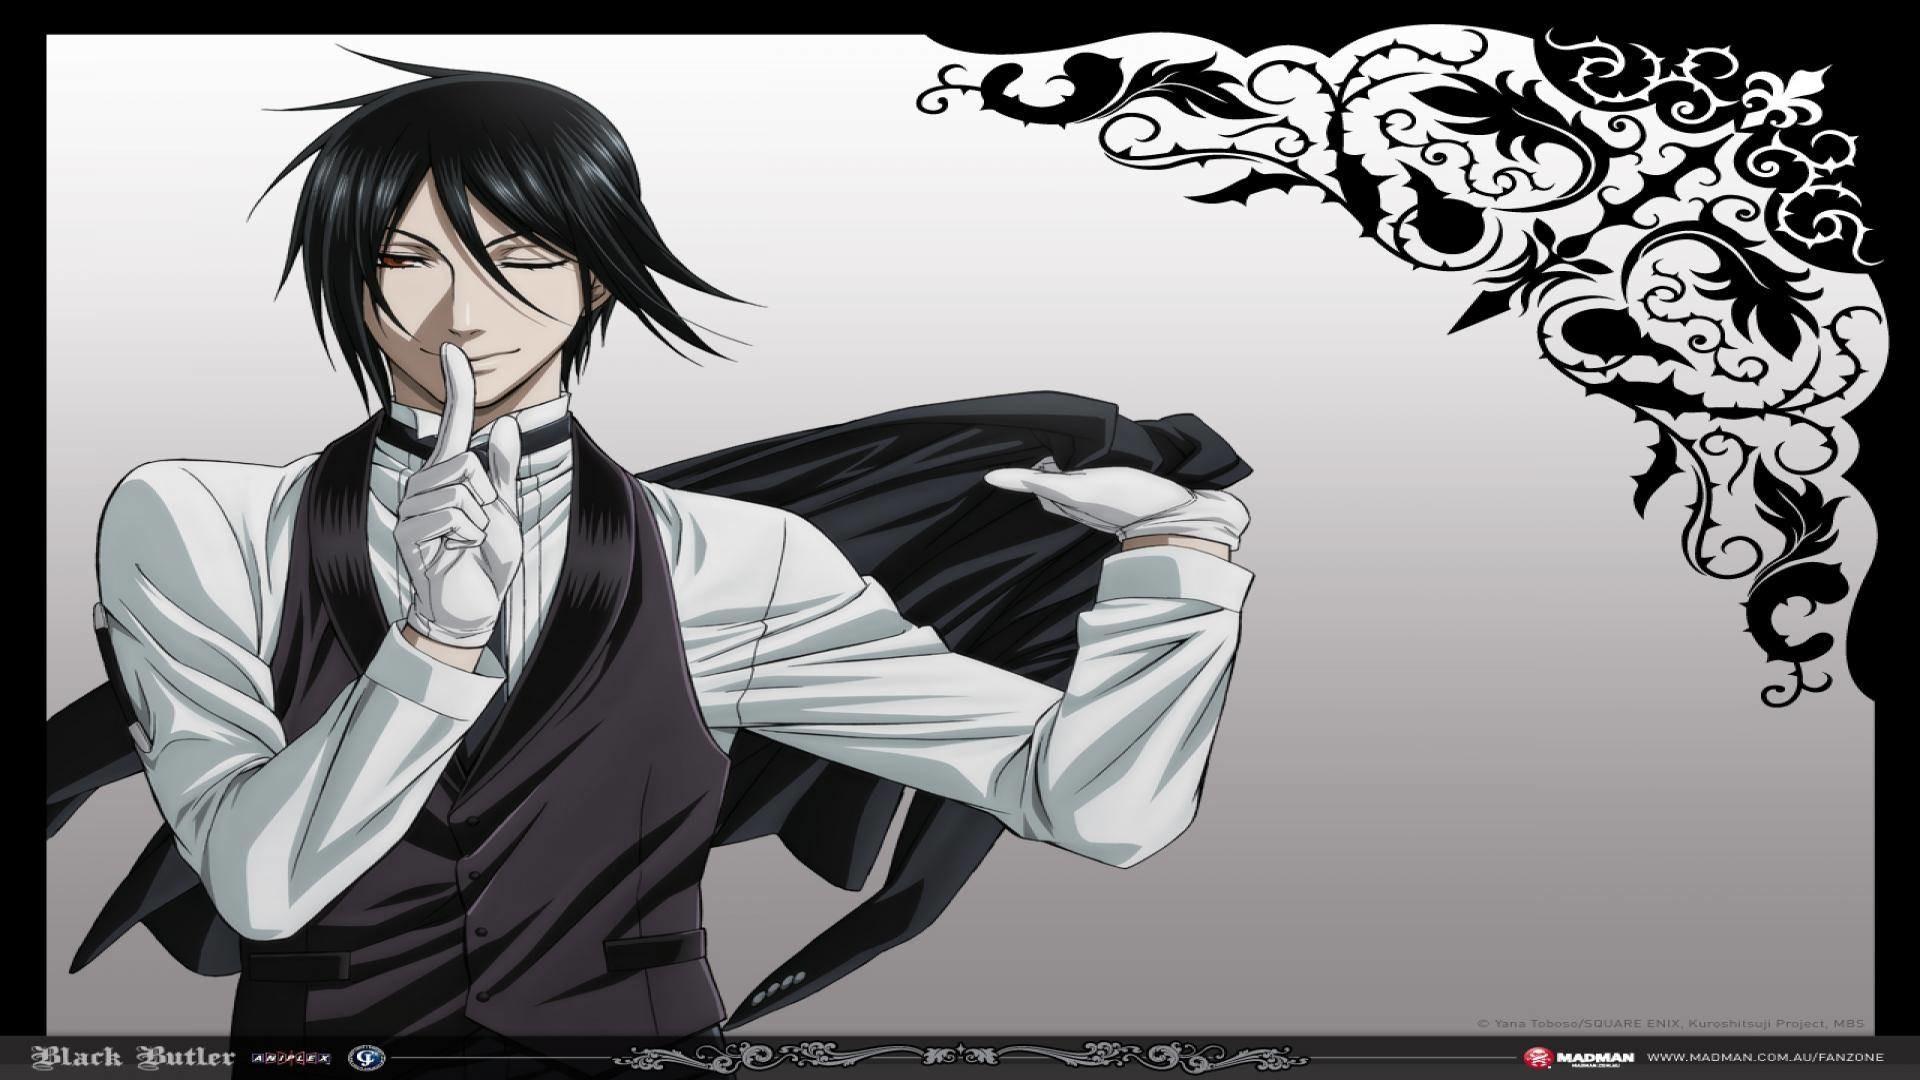 black butler background 73 images